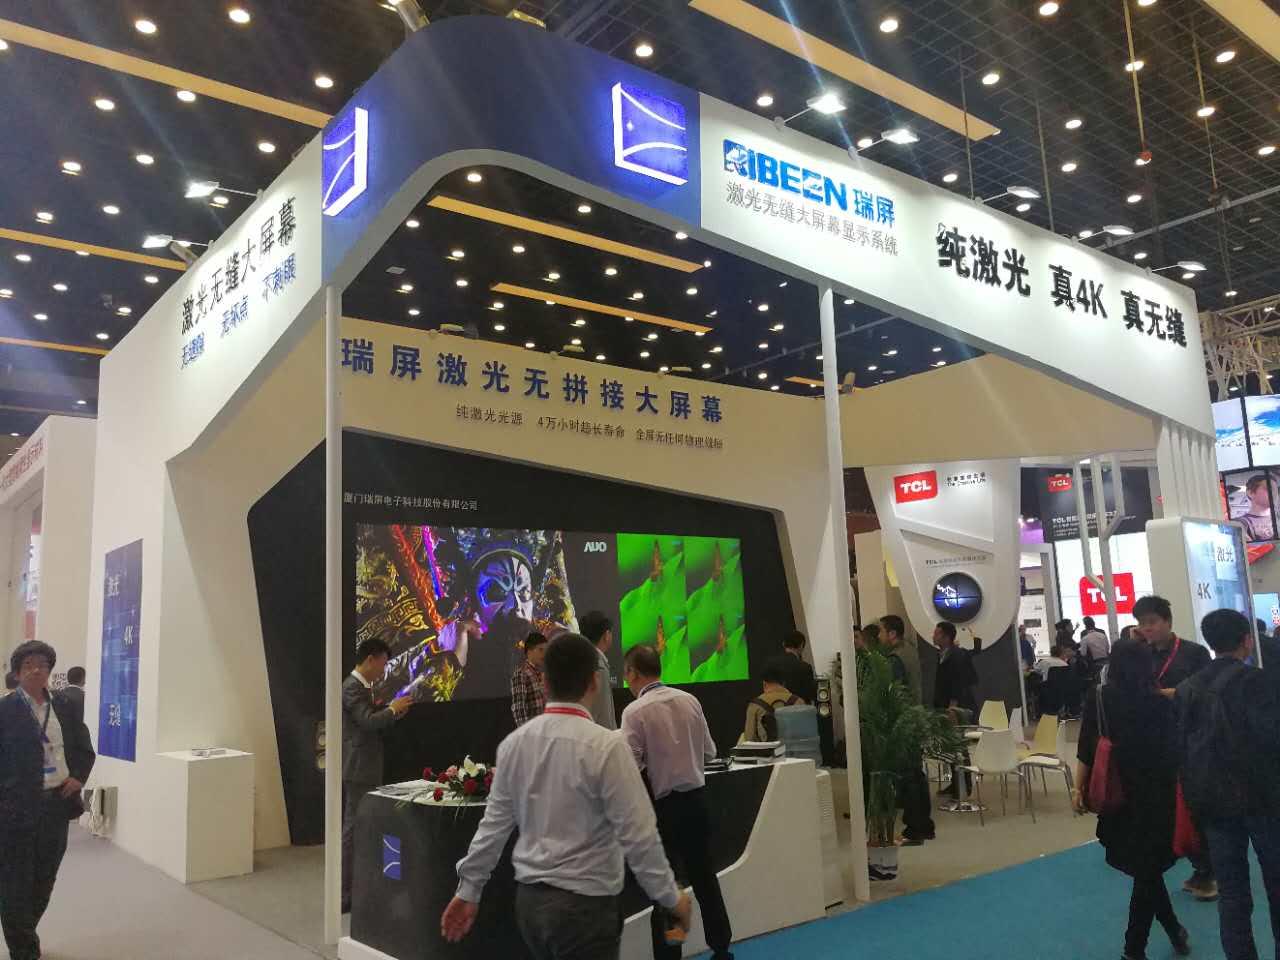 瑞屏携4K激光无缝大屏幕显示系统闪耀IFC 2017——专访瑞屏市场总监陈展汉先生